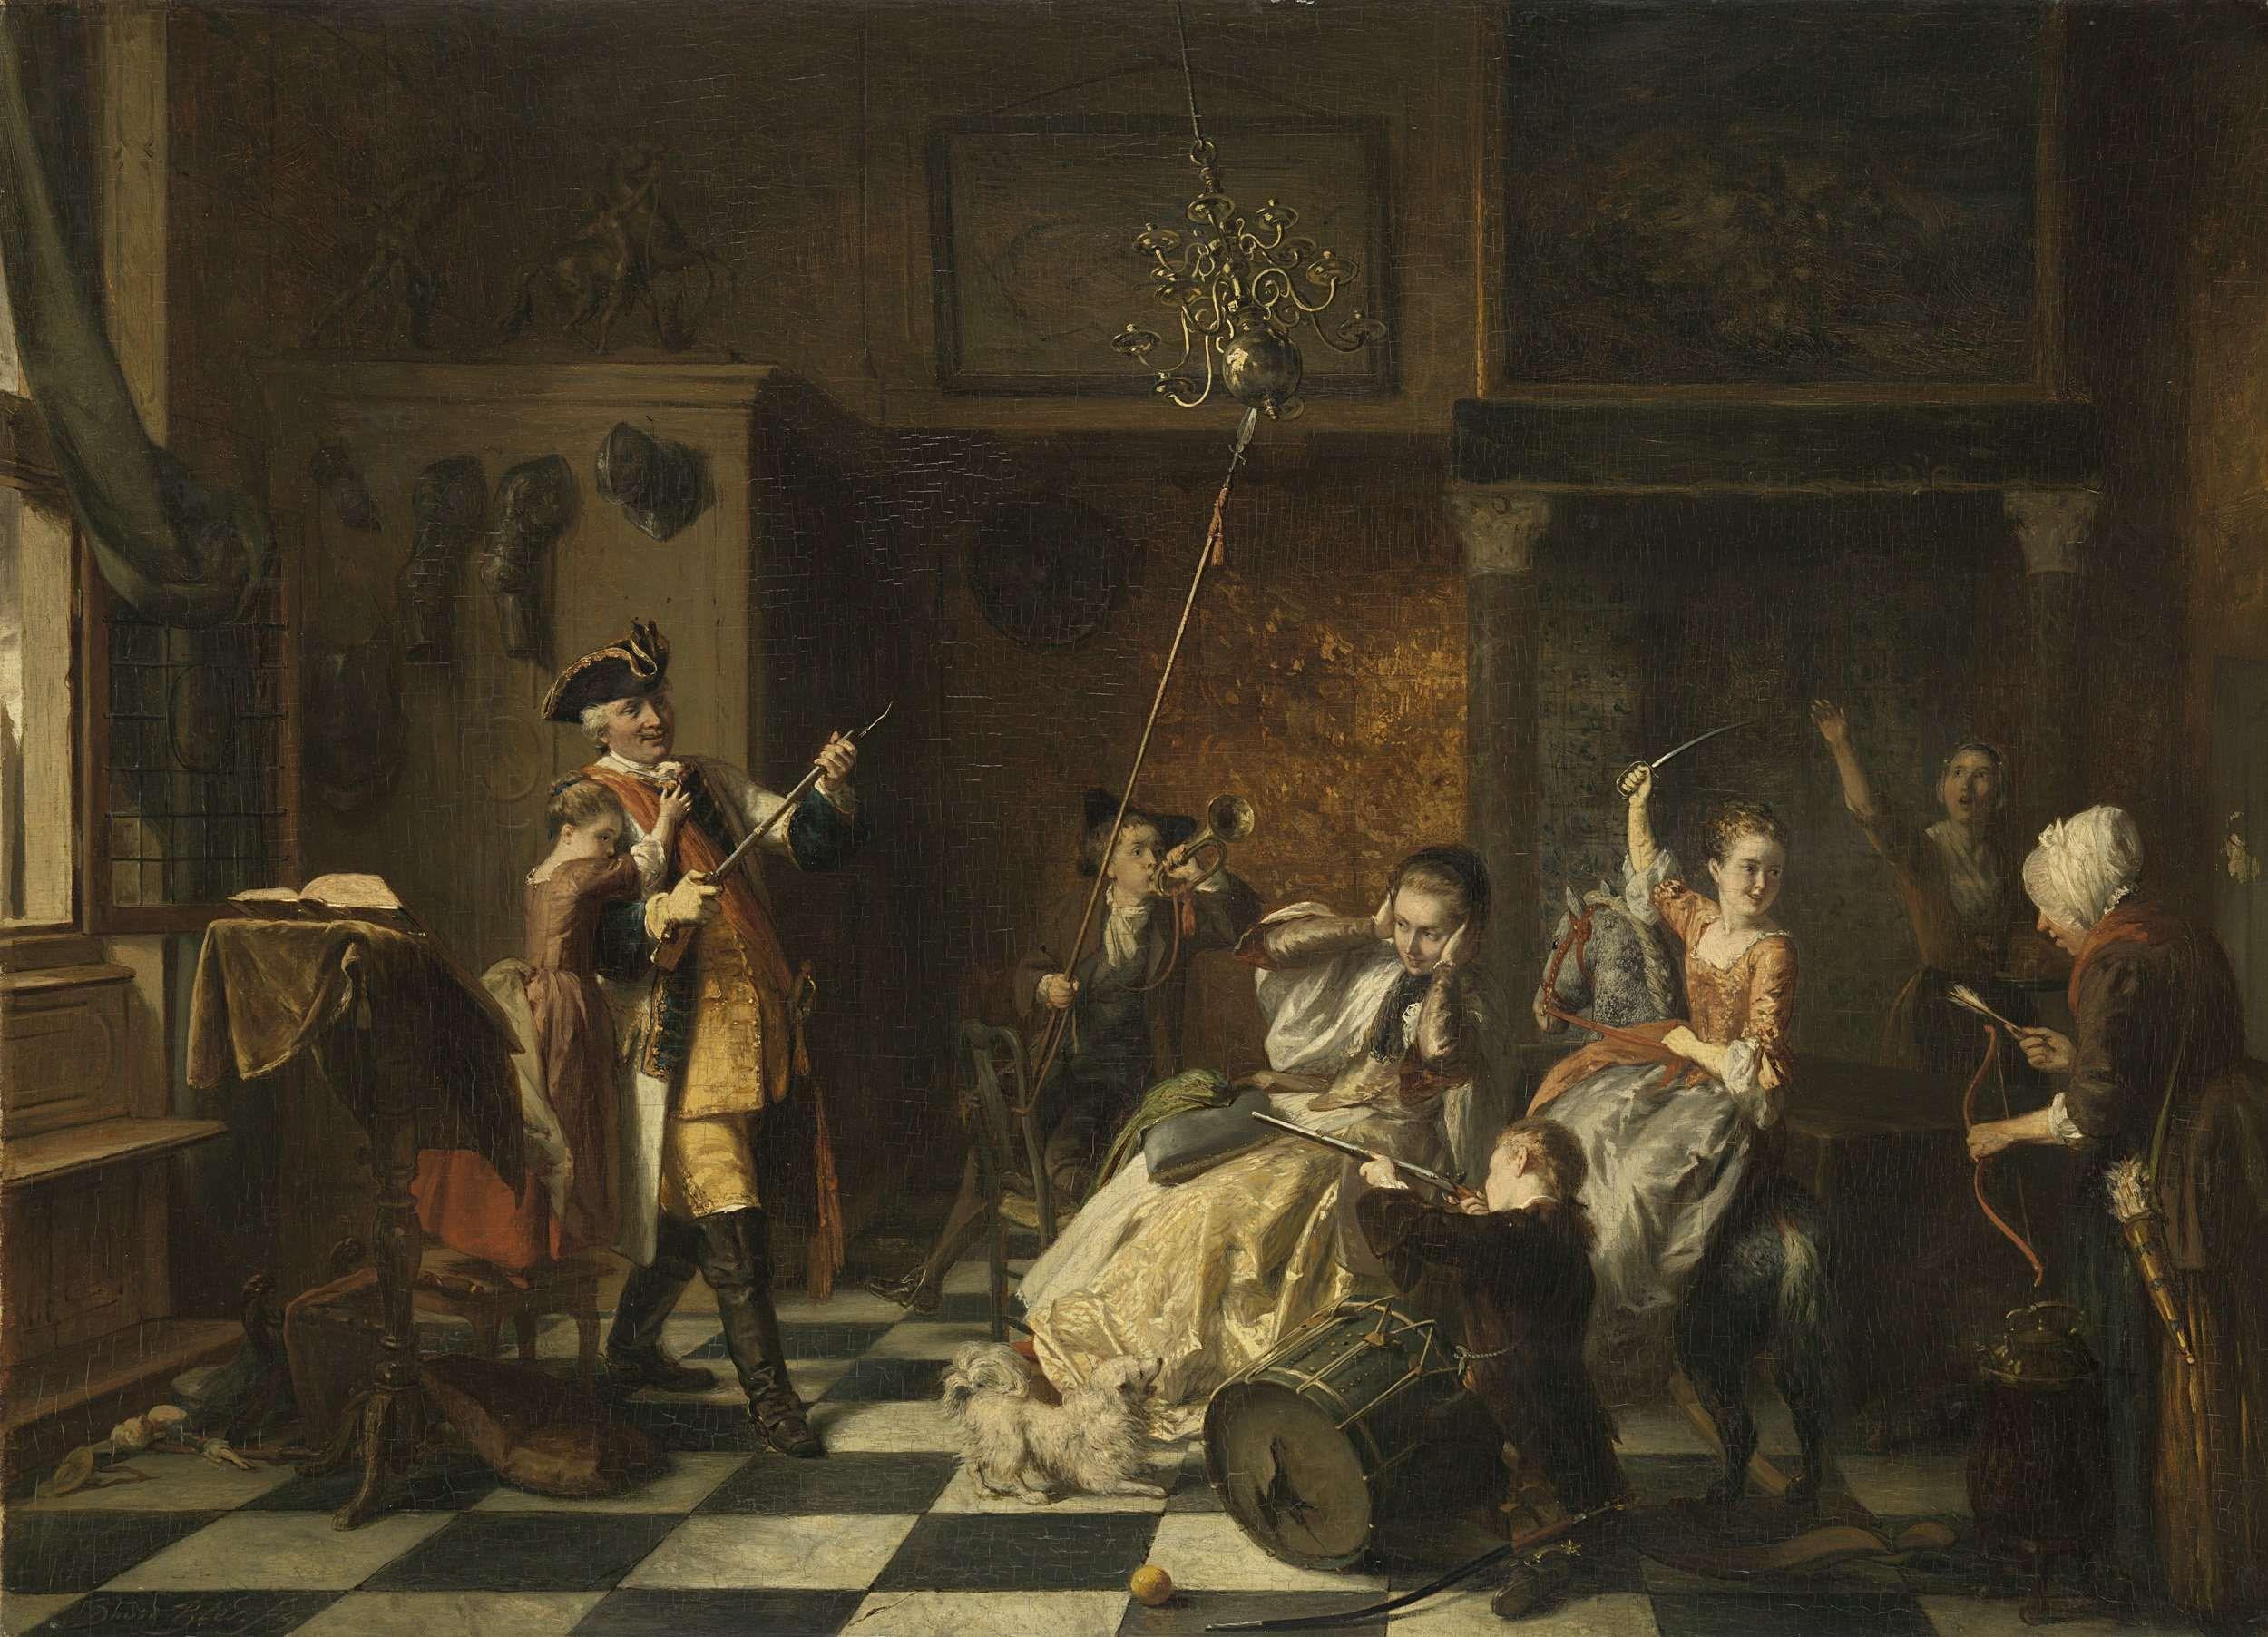 De Vadermoorders Het Wil Al Muizen Wat Van Katten Komt David Bles 1869 Rembrandt Paintings Rembrandt Night Watch Baroque Painting